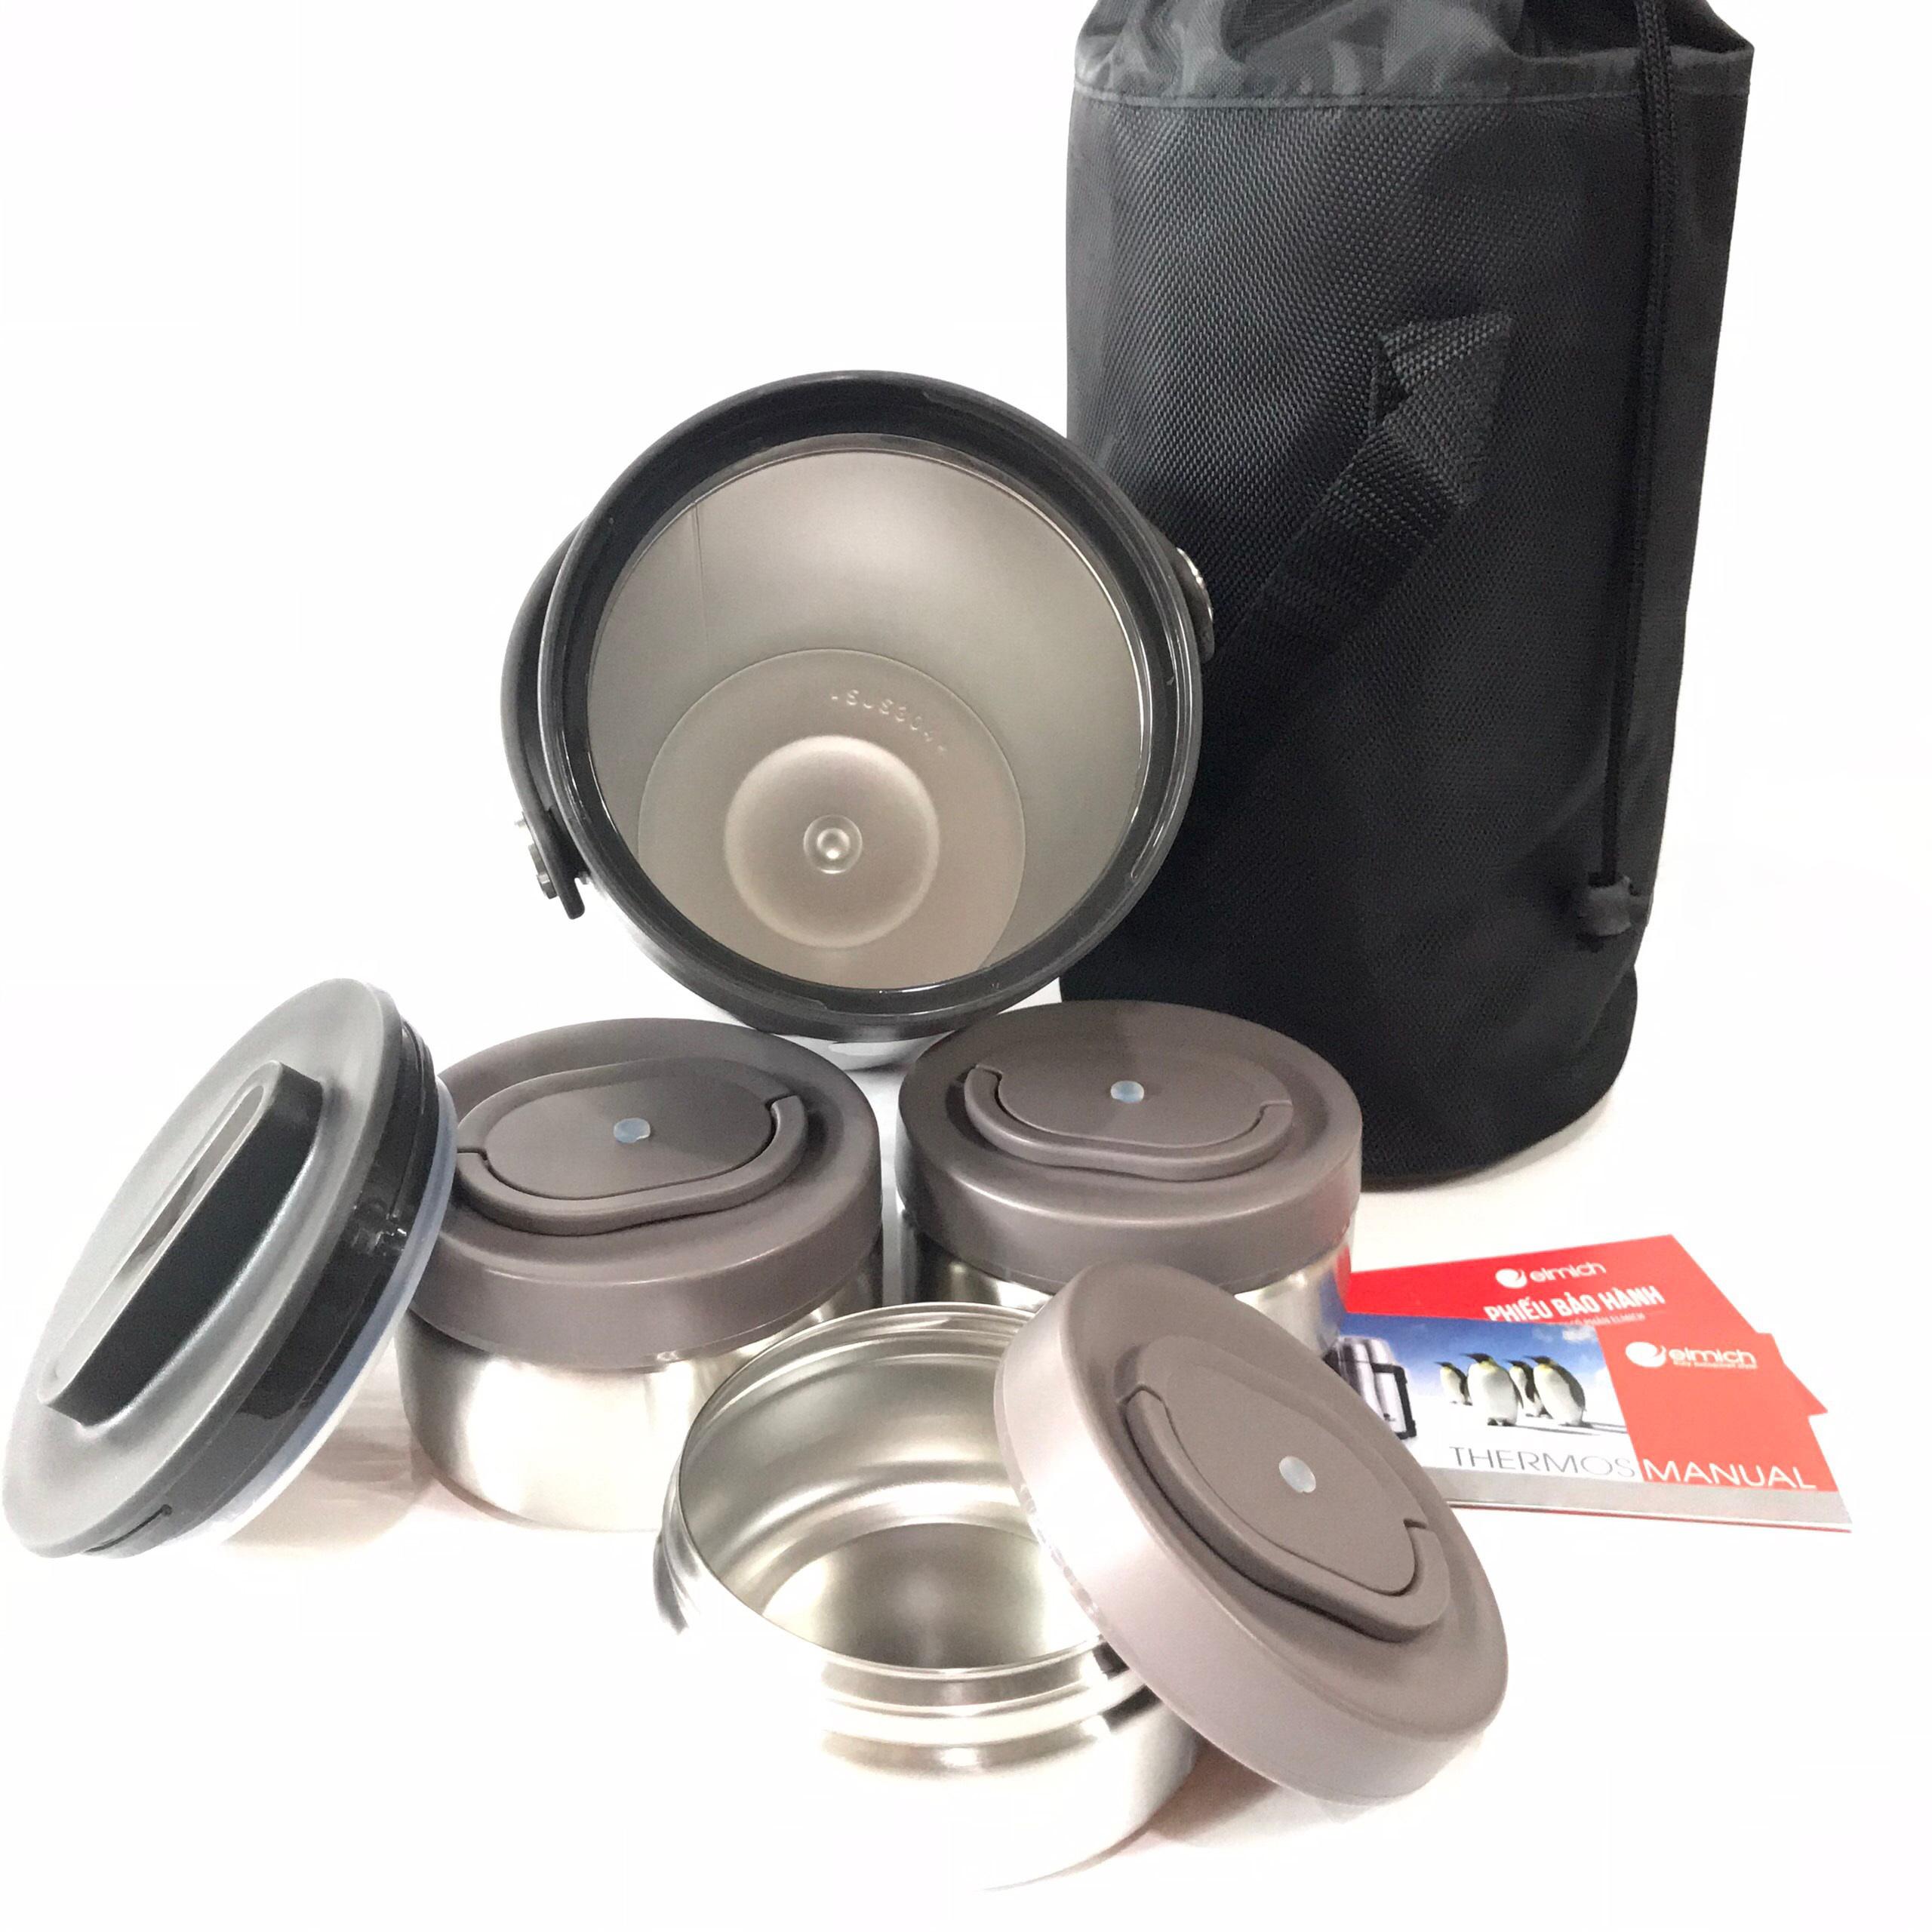 Bình đựng thức ăn giữ nhiệt Elmich EL-3129 1500ml kèm túi xách